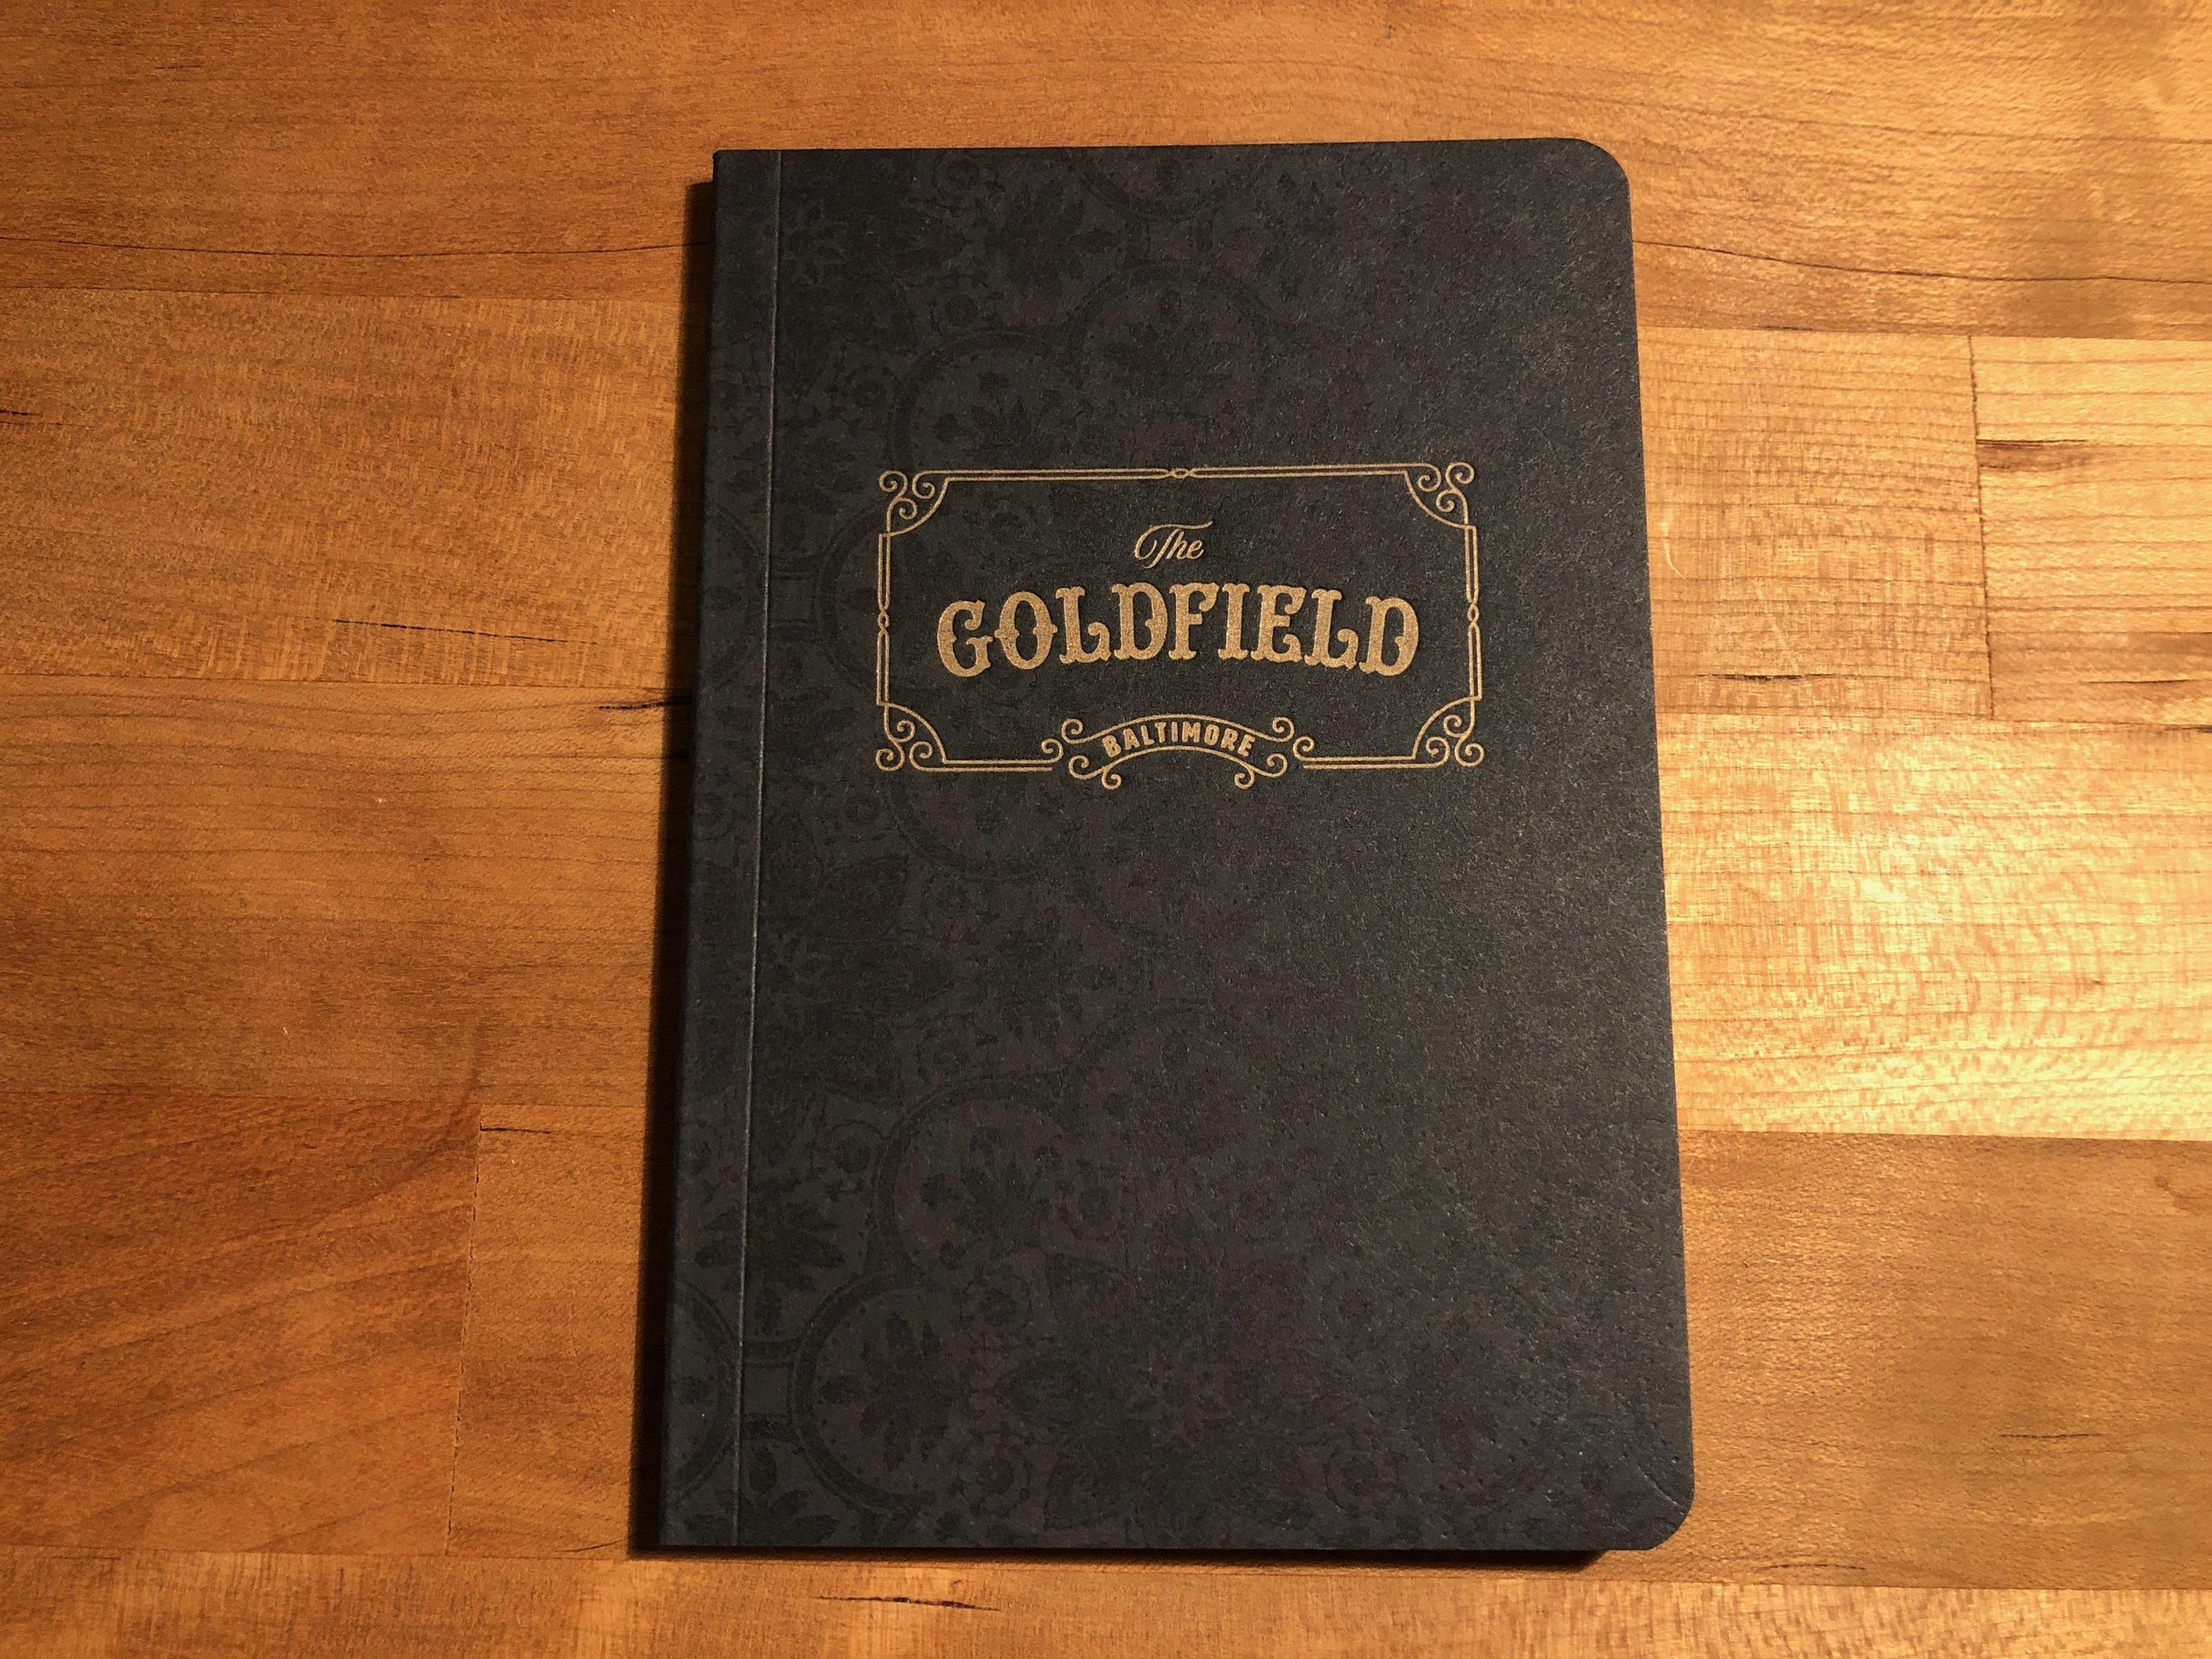 Write-notepads-goldfield-notebook-20.jpg